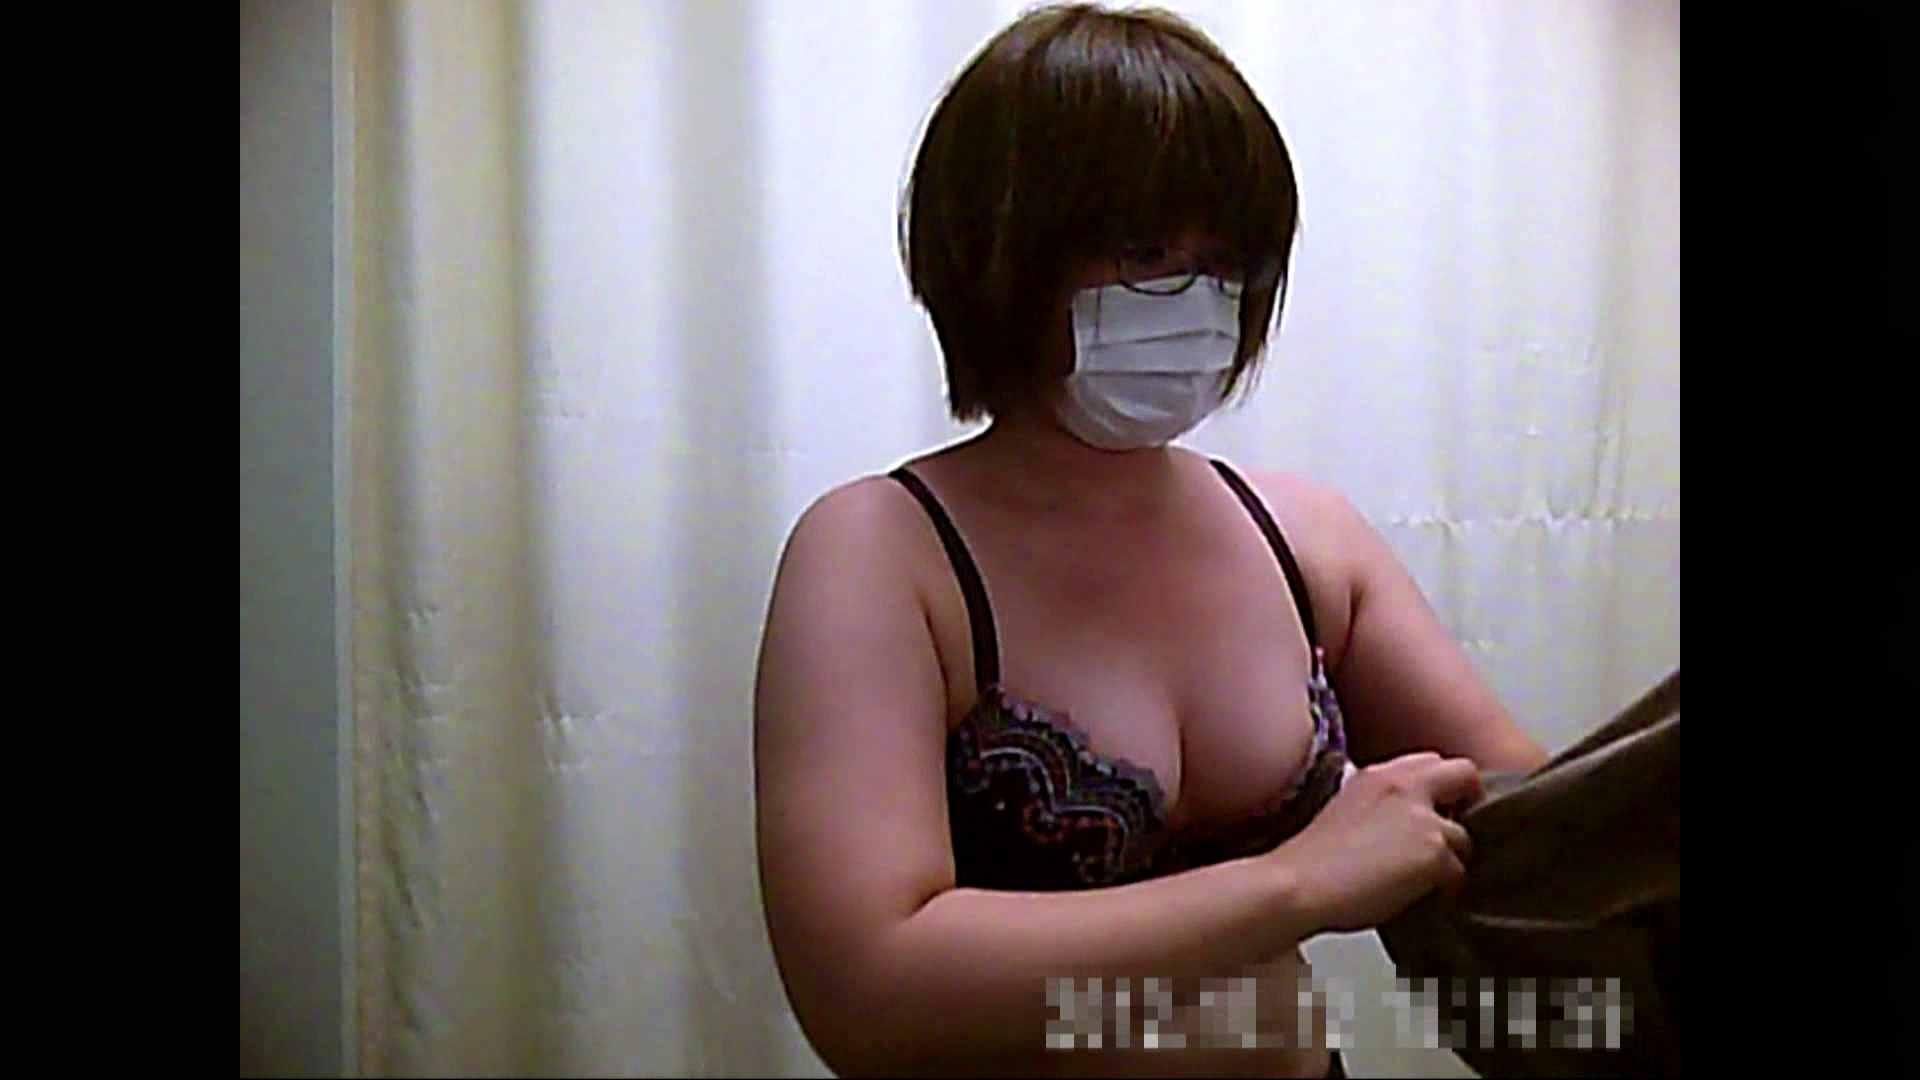 元医者による反抗 更衣室地獄絵巻 vol.061 OLハメ撮り  91Pix 73